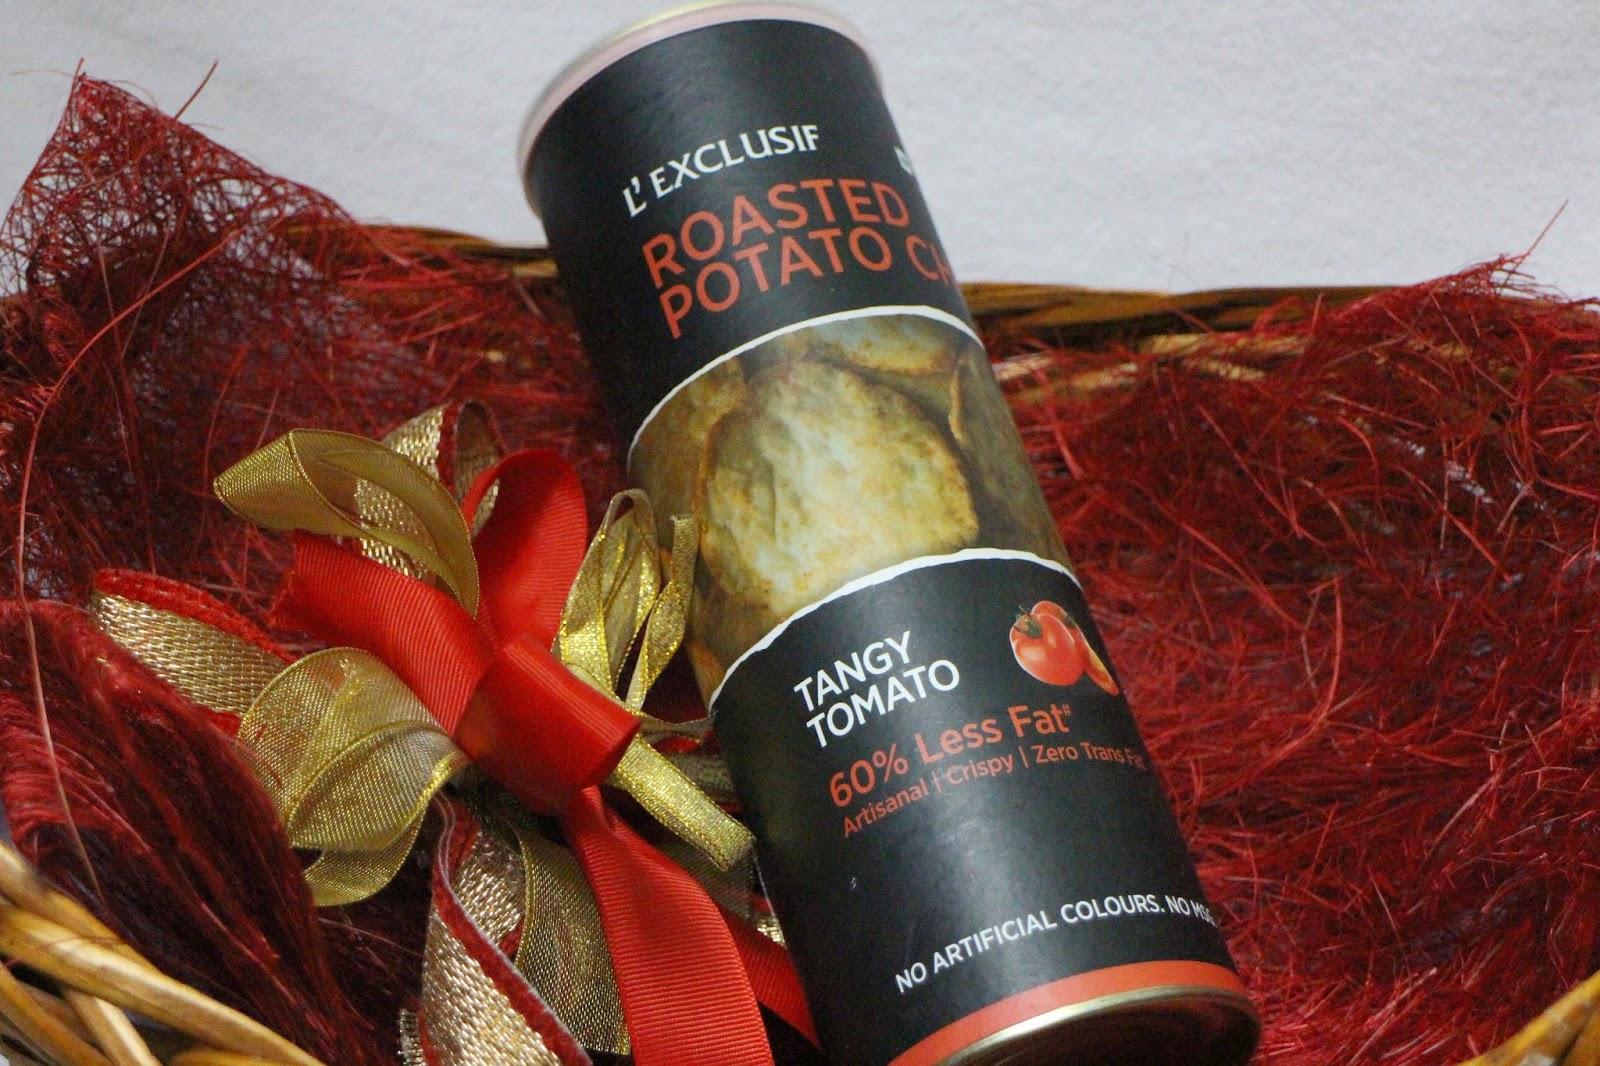 Godrej Nature's Basket, L'Exclusif, Roasted Potato Chips, Food